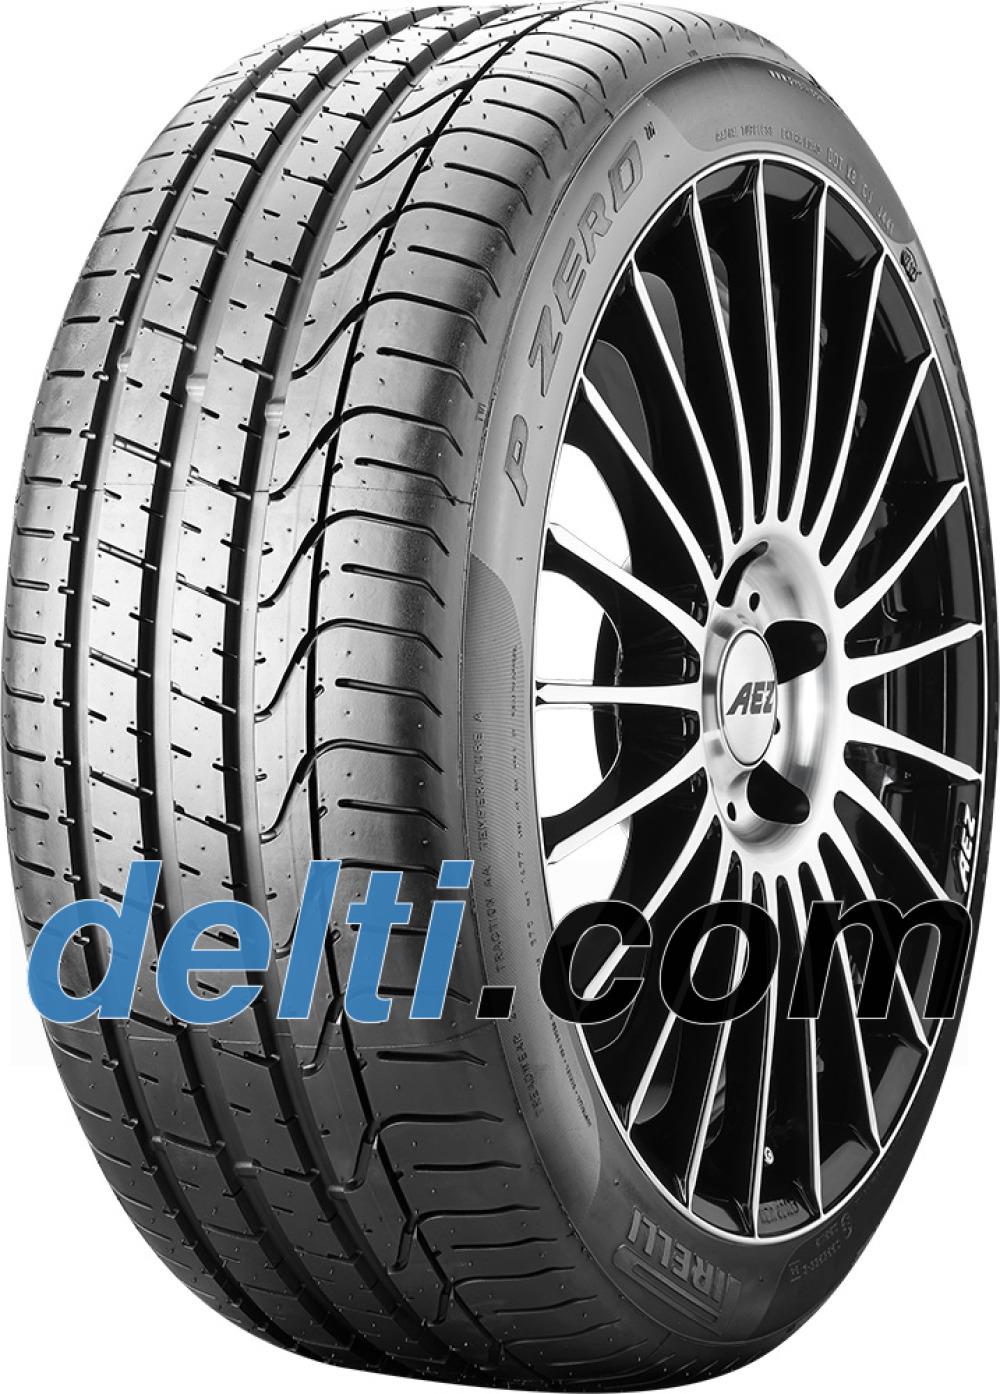 Pirelli P Zero ( 245/45 ZR18 (100Y) XL med felgbeskyttelse (MFS) )